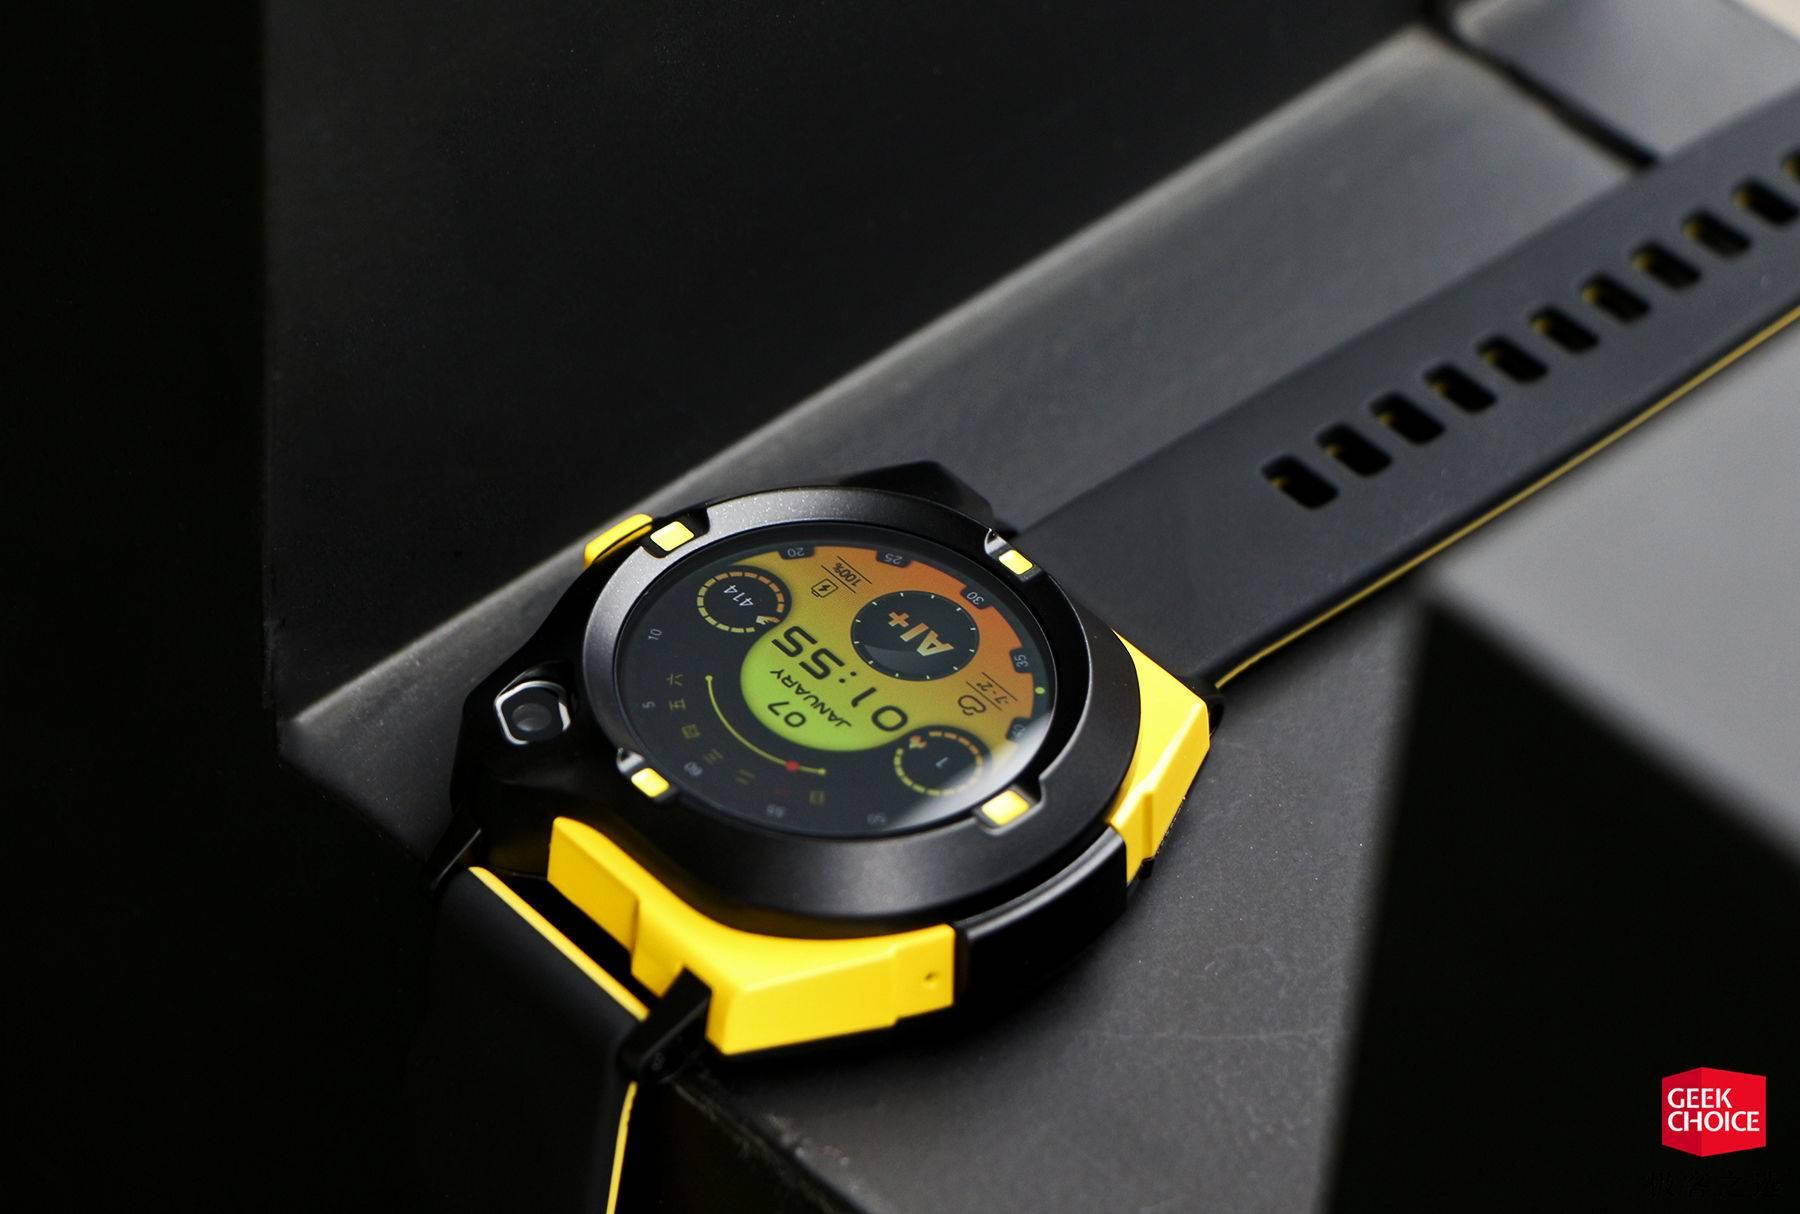 讯飞麦咭学习手表评测:安全依旧是重点,不过它更强调了学习